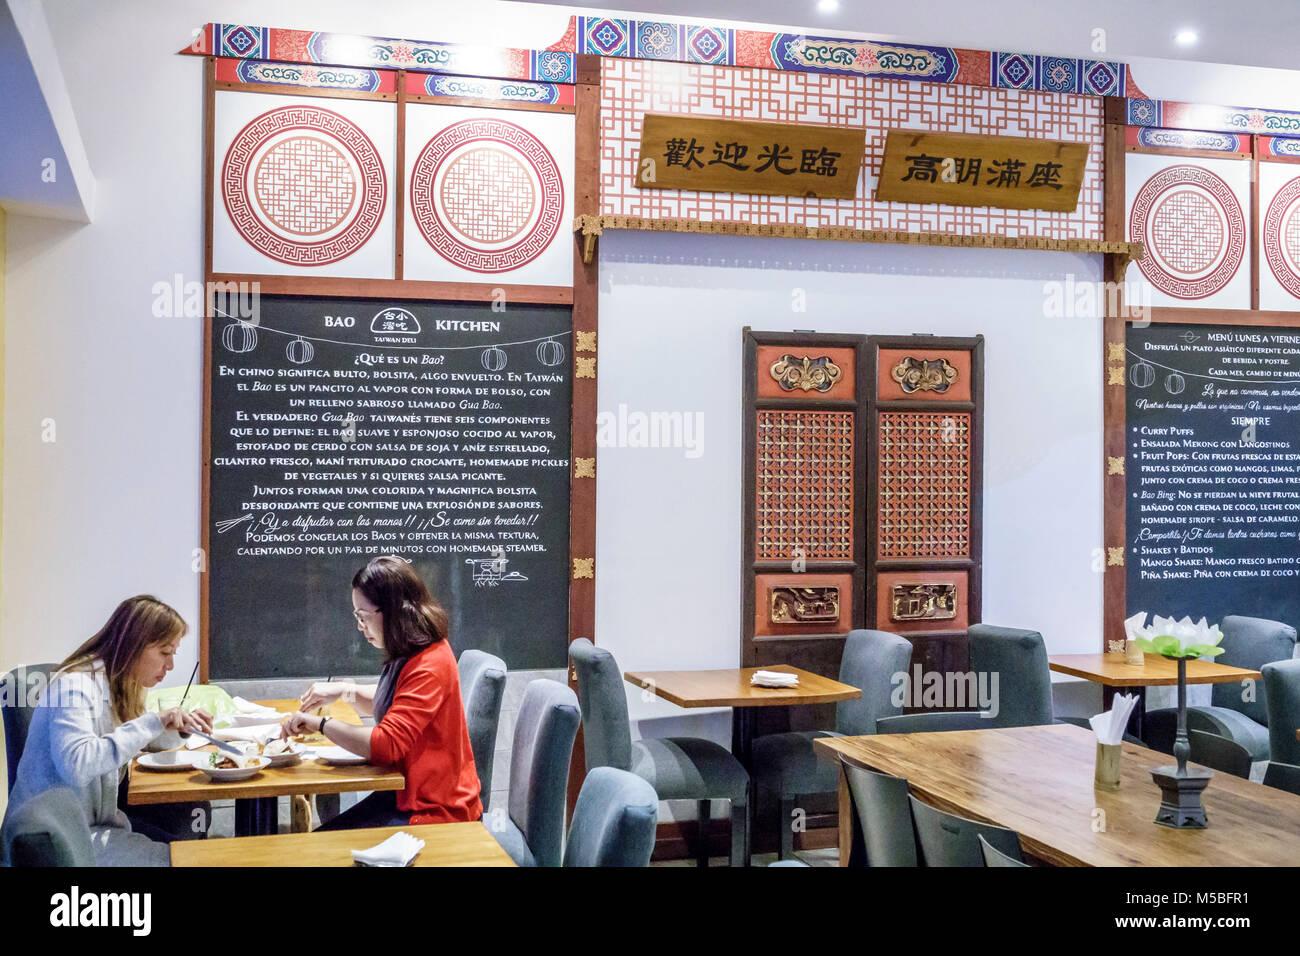 Buenos Aires Argentinien Bao Küche Taiwan Bistro asiatisches ...